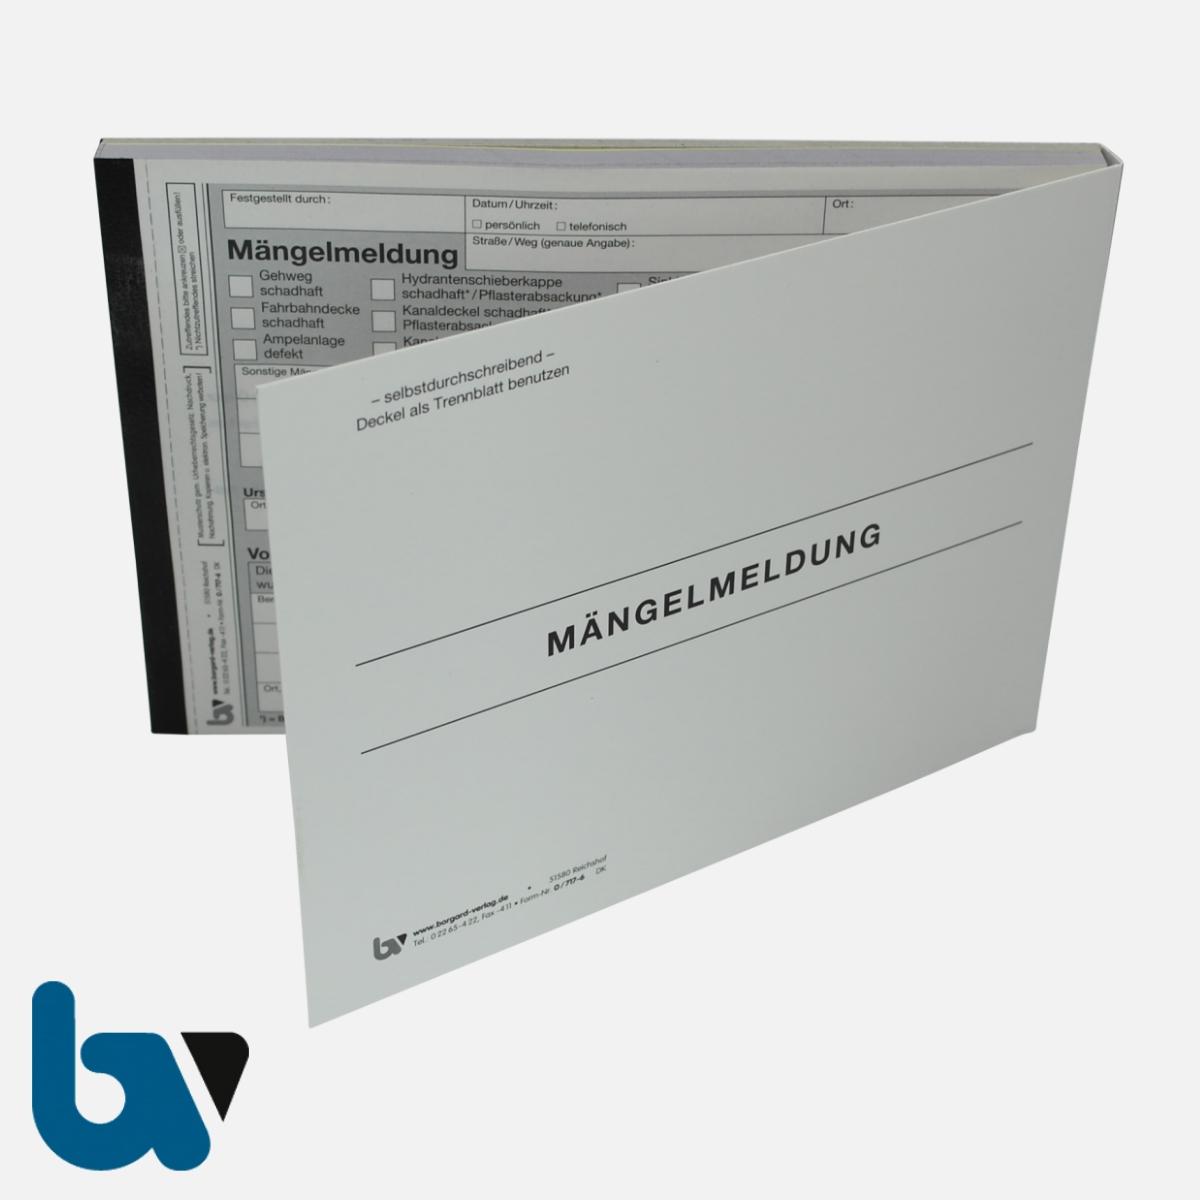 0/717-6 Mängelmeldung Fahrbahn Gehweg Kanal Verkehr selbstdurchschreibend Einschlagdeckel Durchschreibeschutz Schreibschutzdeckel perforiert DIN A5 Vorderseite | Borgard Verlag GmbH